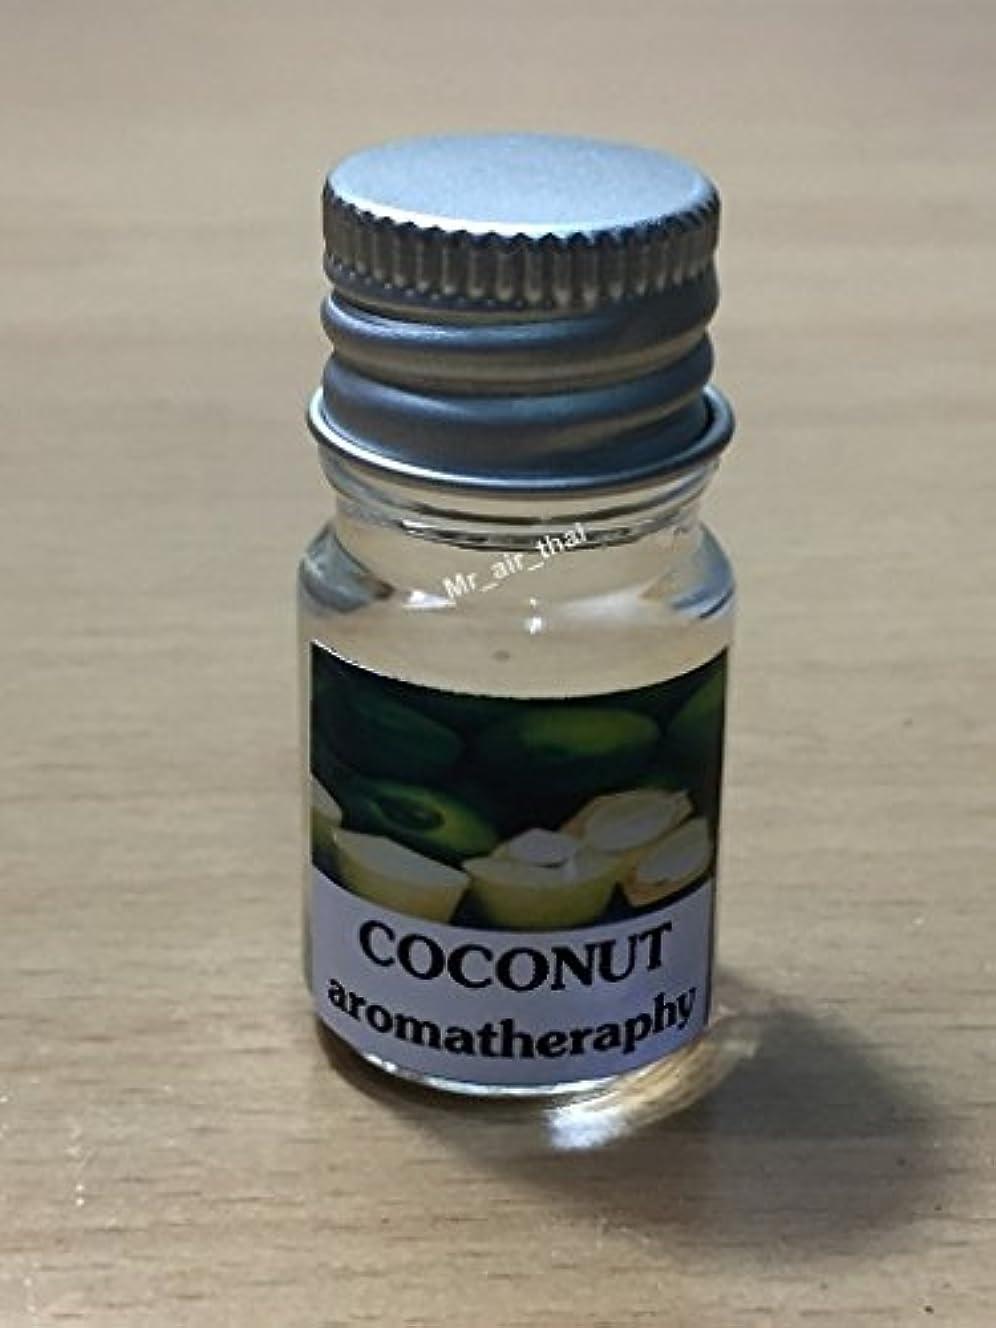 データムに対して追い越す5ミリリットルアロマココナッツフランクインセンスエッセンシャルオイルボトルアロマテラピーオイル自然自然5ml Aroma Coconut Frankincense Essential Oil Bottles Aromatherapy...